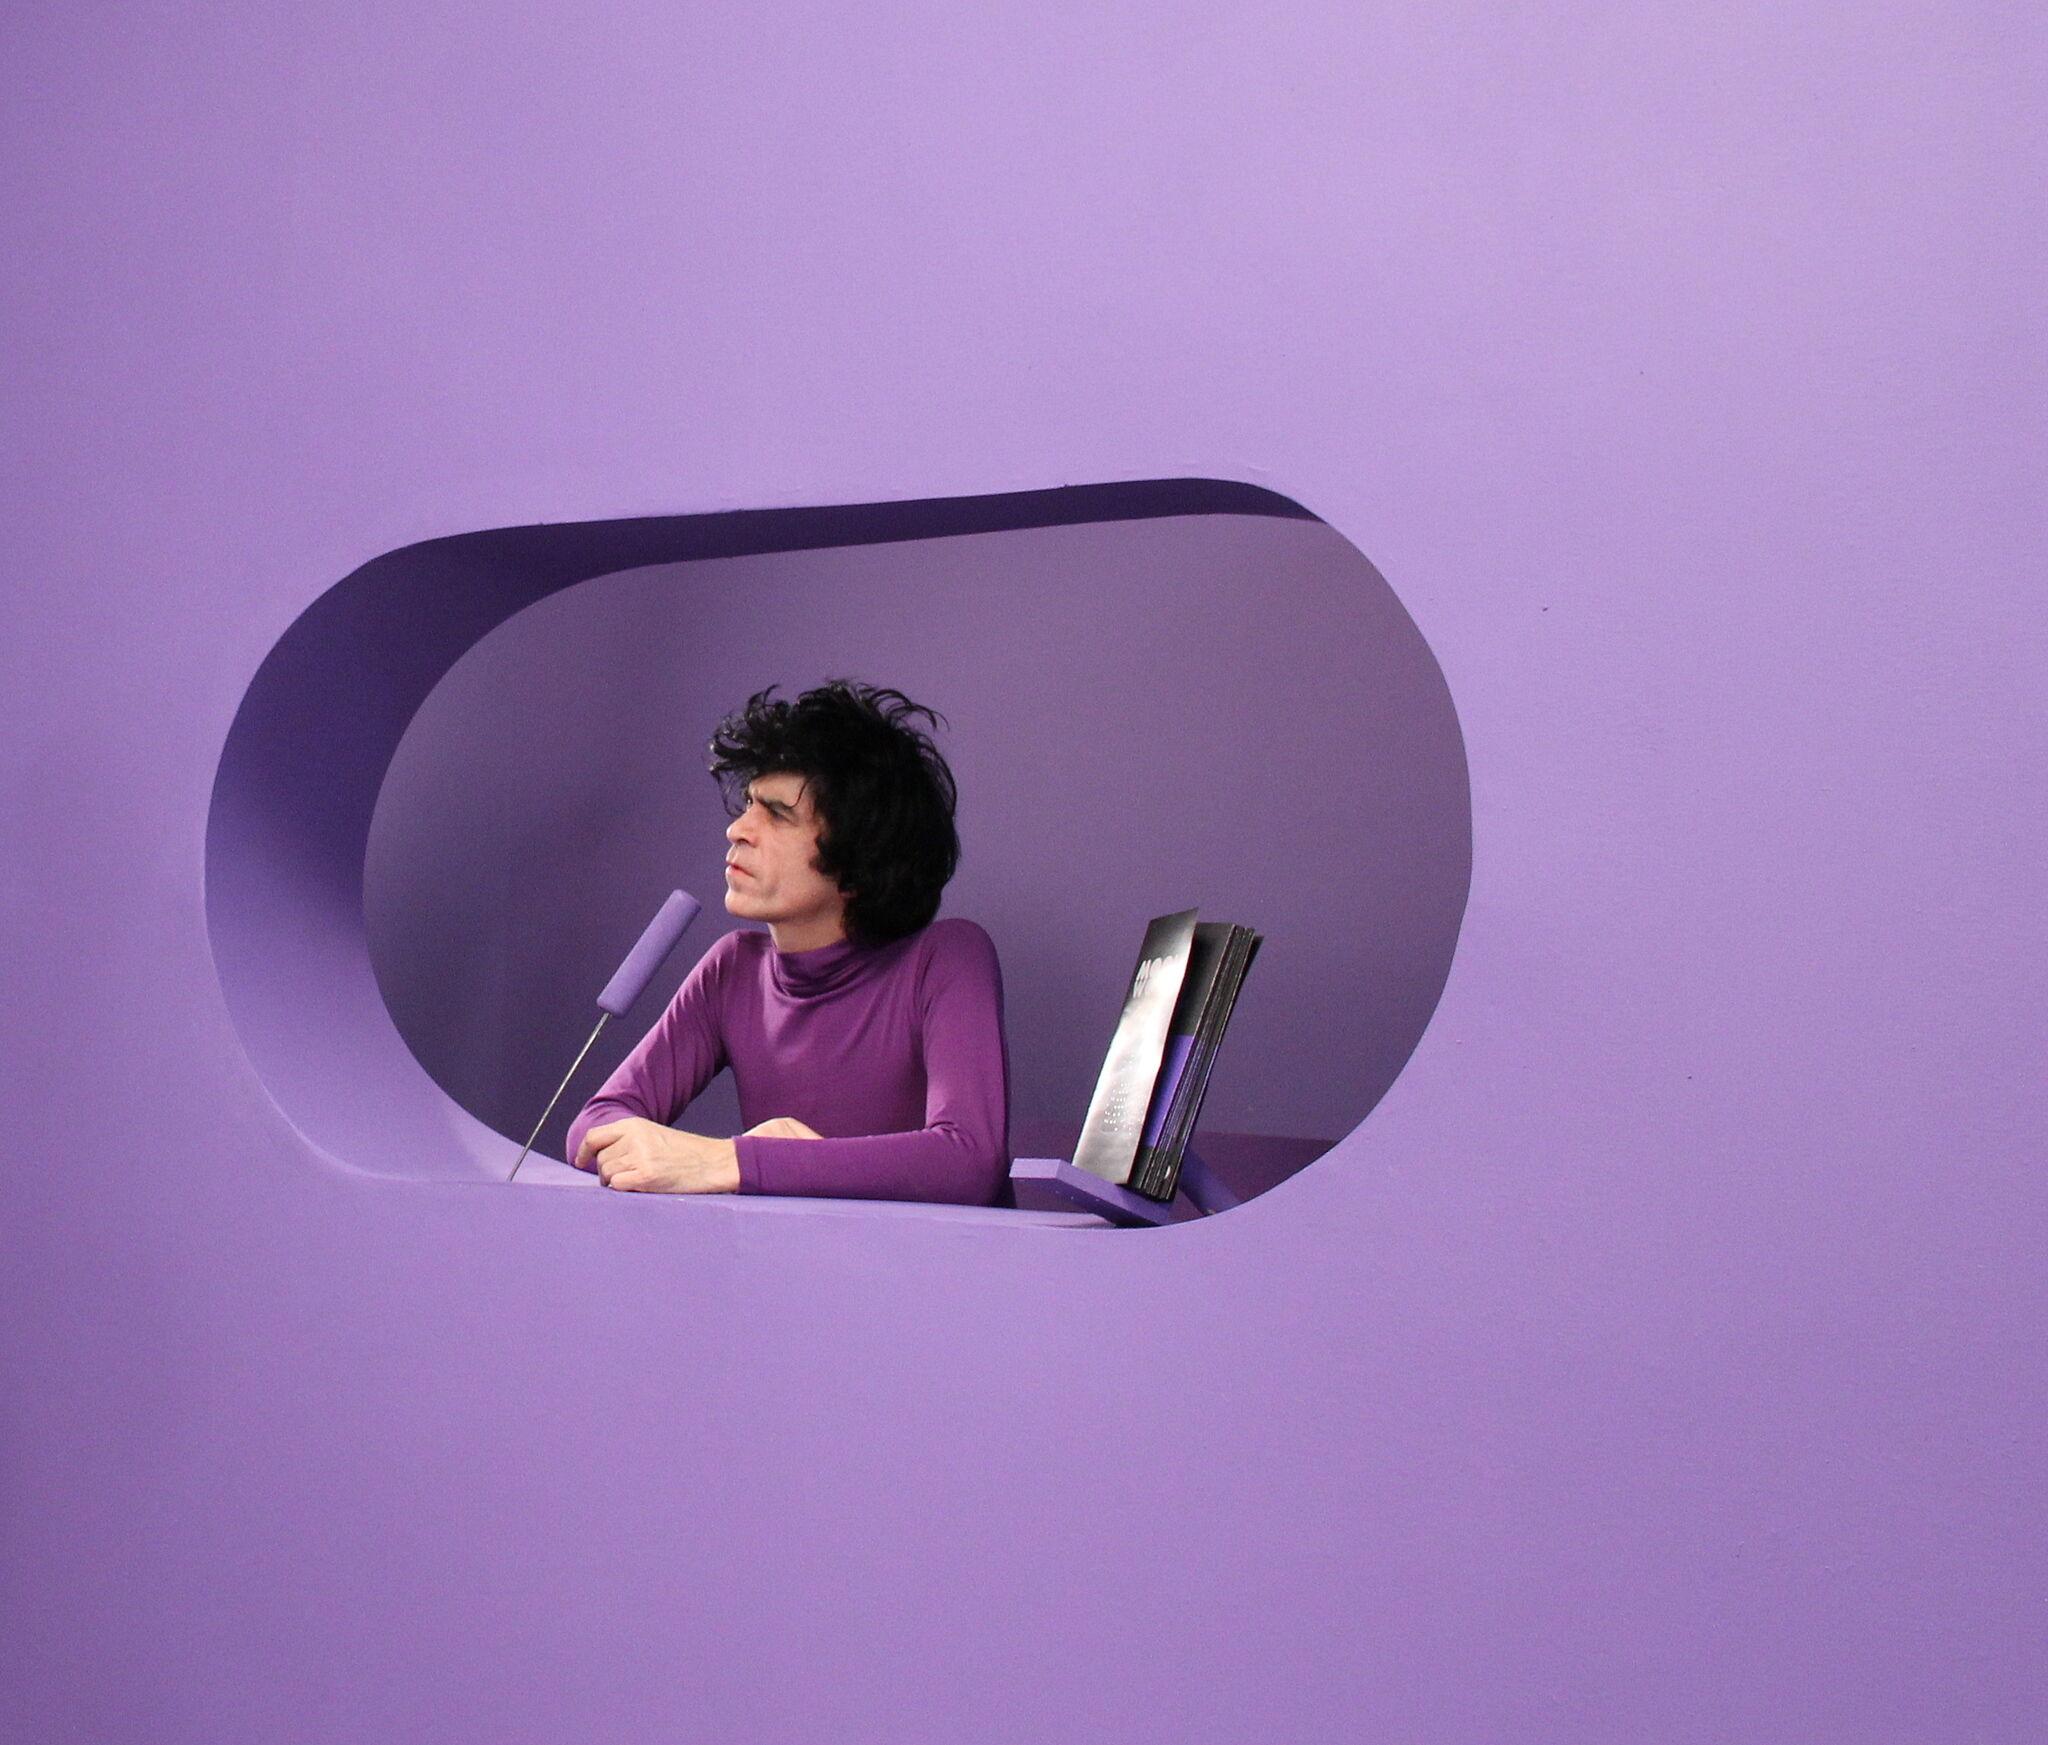 A man in purple in a purple room.